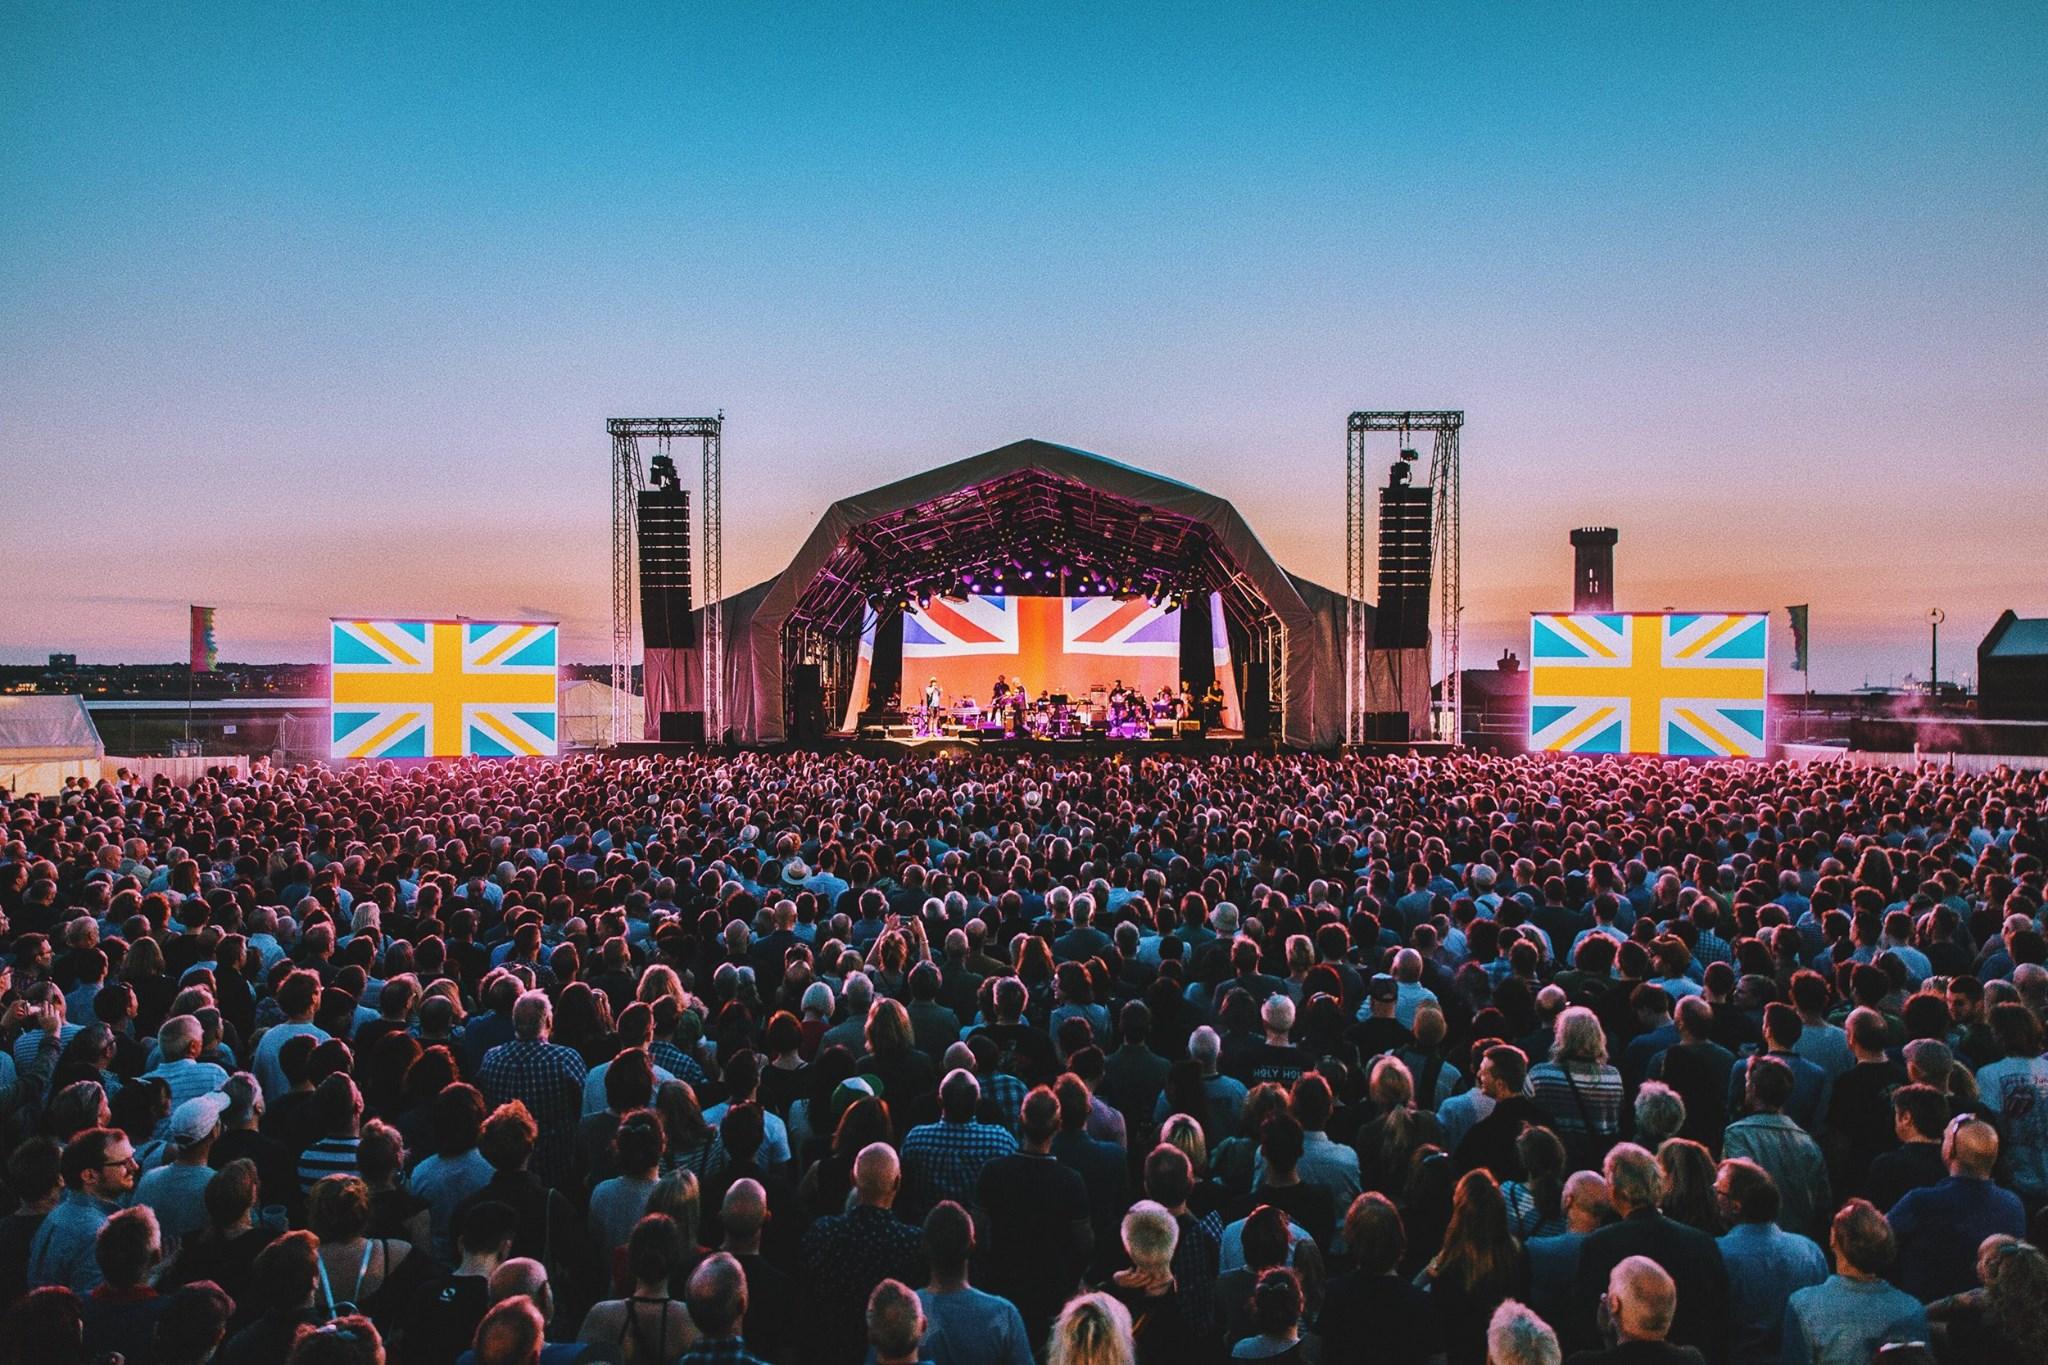 Música y futbol: Liverpool FC se asocia con Levi's para unir comunidad inglesa